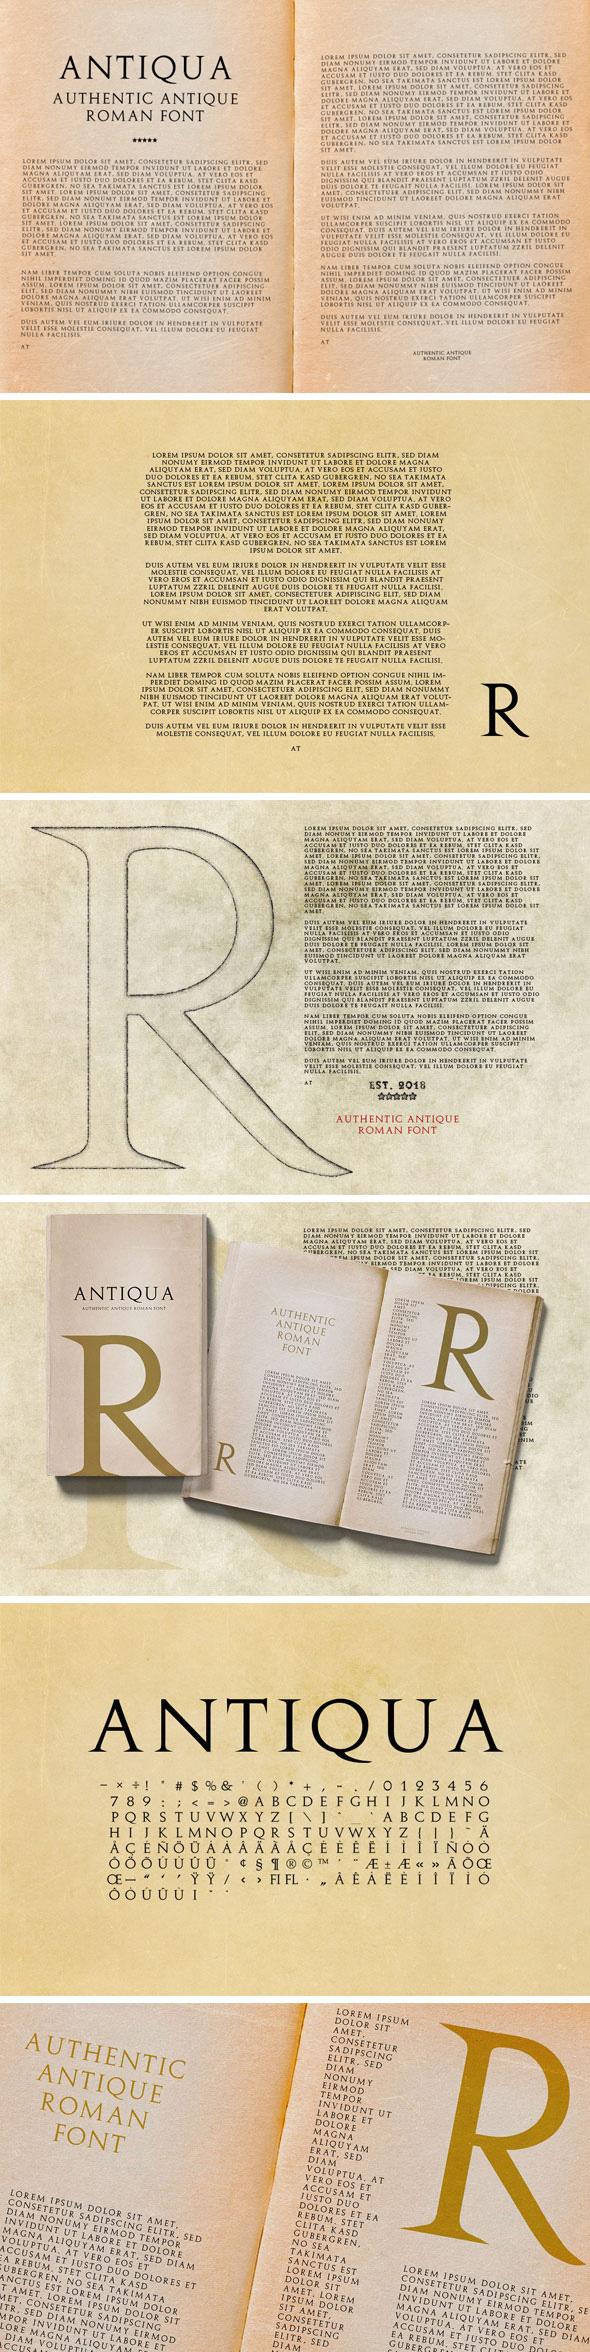 Antiqua - Antique Roman Font - Serif Fonts